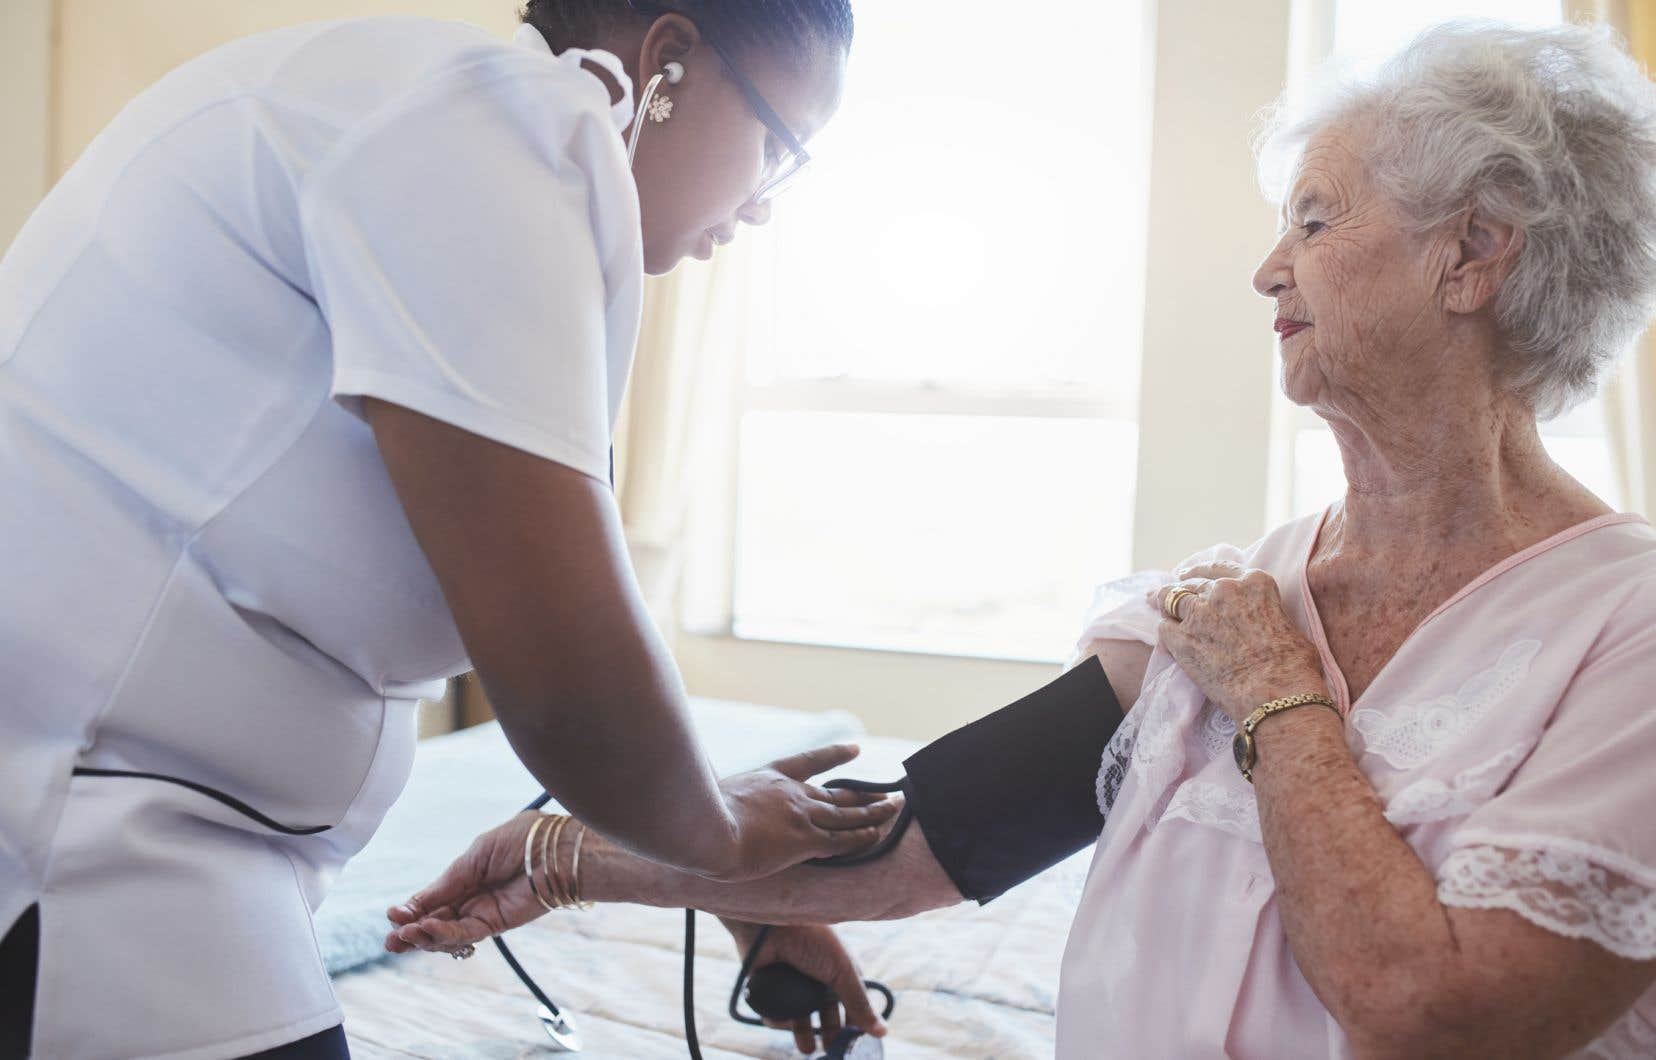 Depuis le début de la crise sanitaire, les infirmières à domicile craignent de devenir des vecteurs de propagation de la COVID-19 en se promenant de logement en logement.